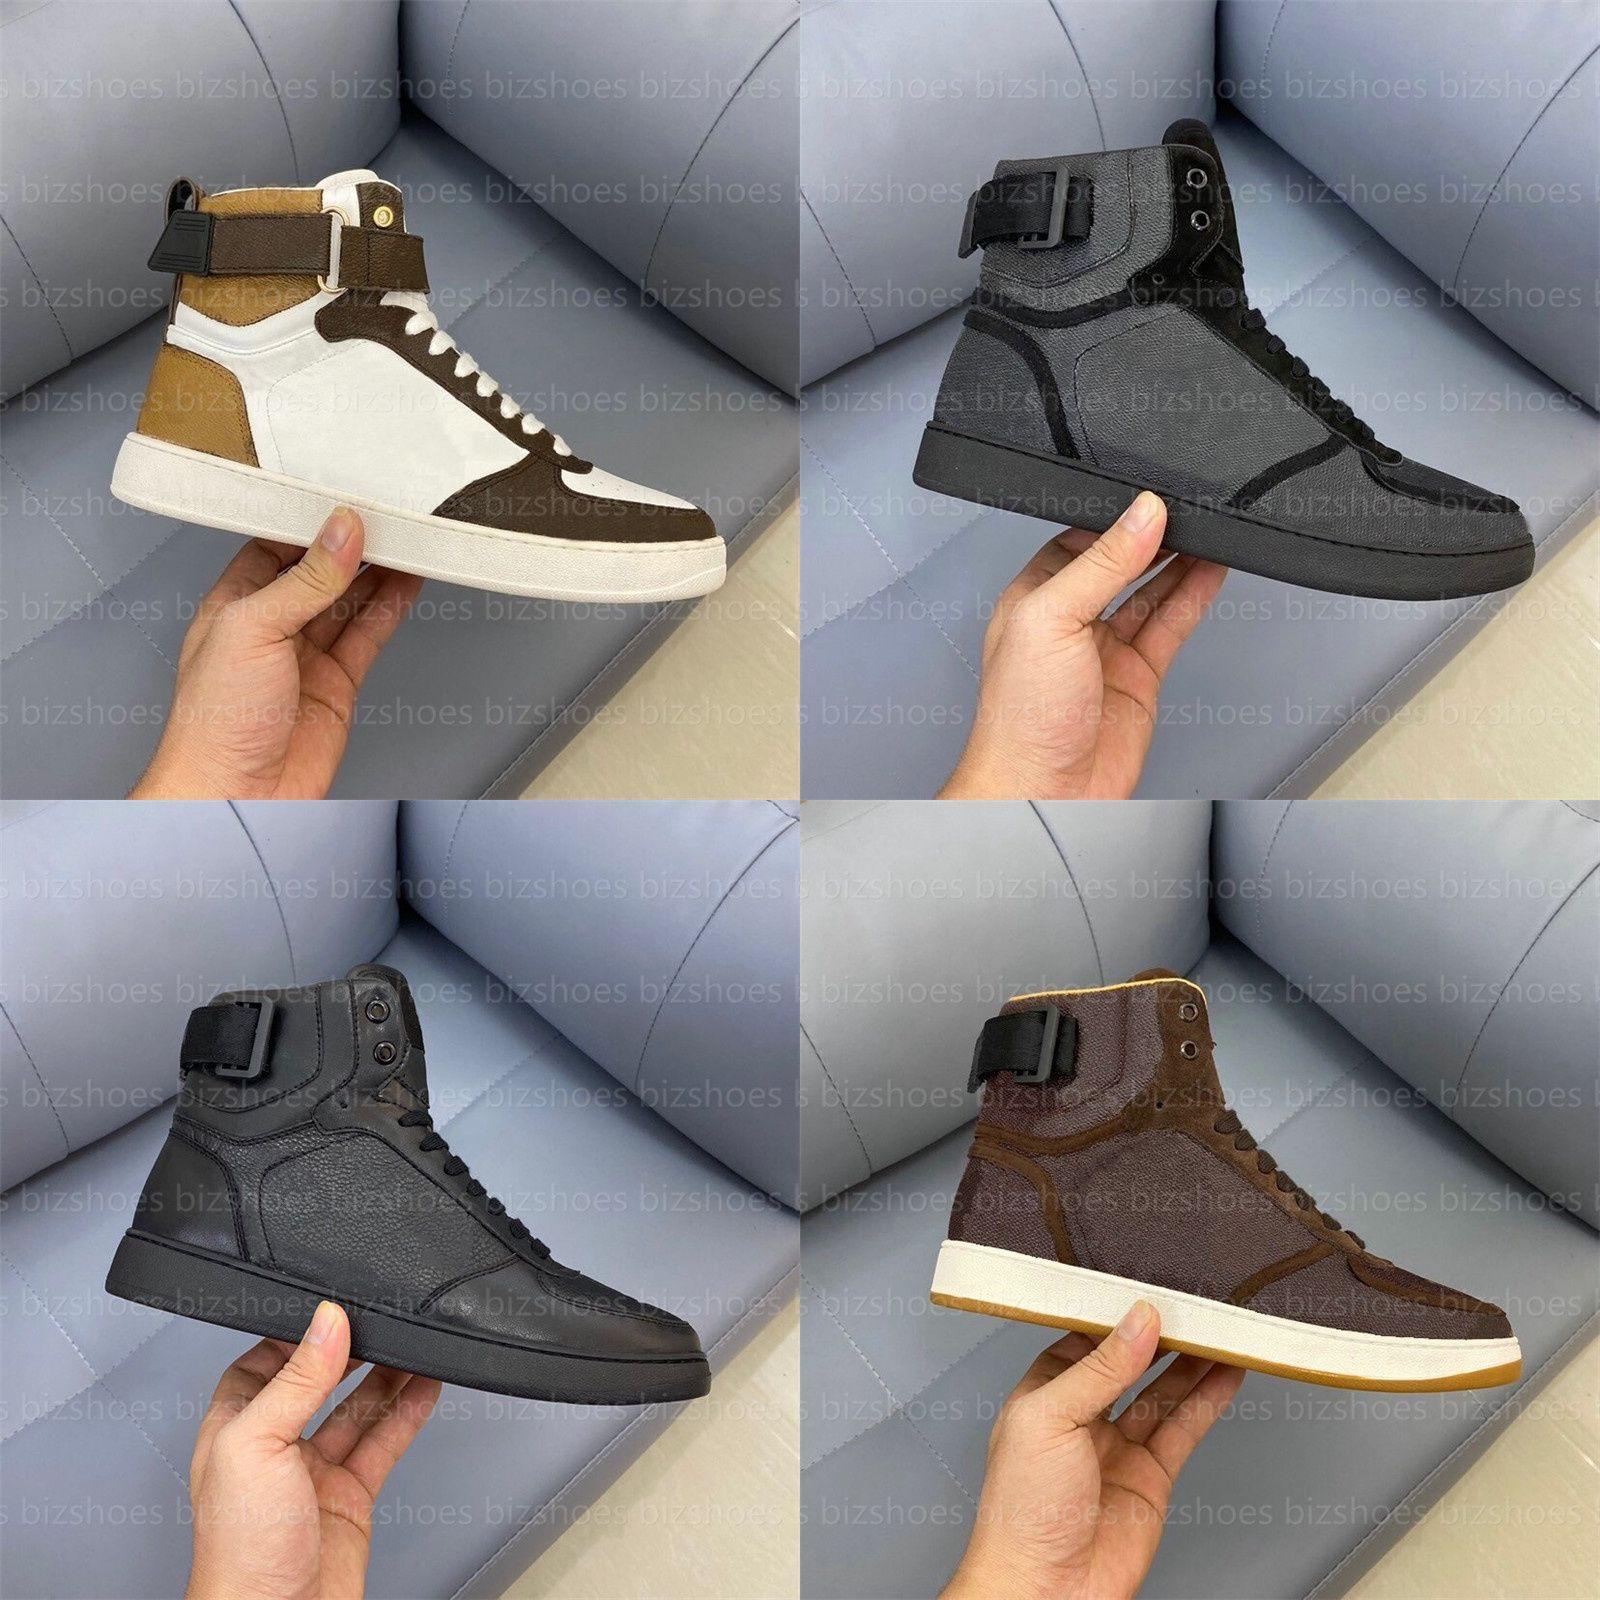 Rivoli sneaker boot clássico hi-top sapato de couro preto sapatos sapatos corredor snekaers